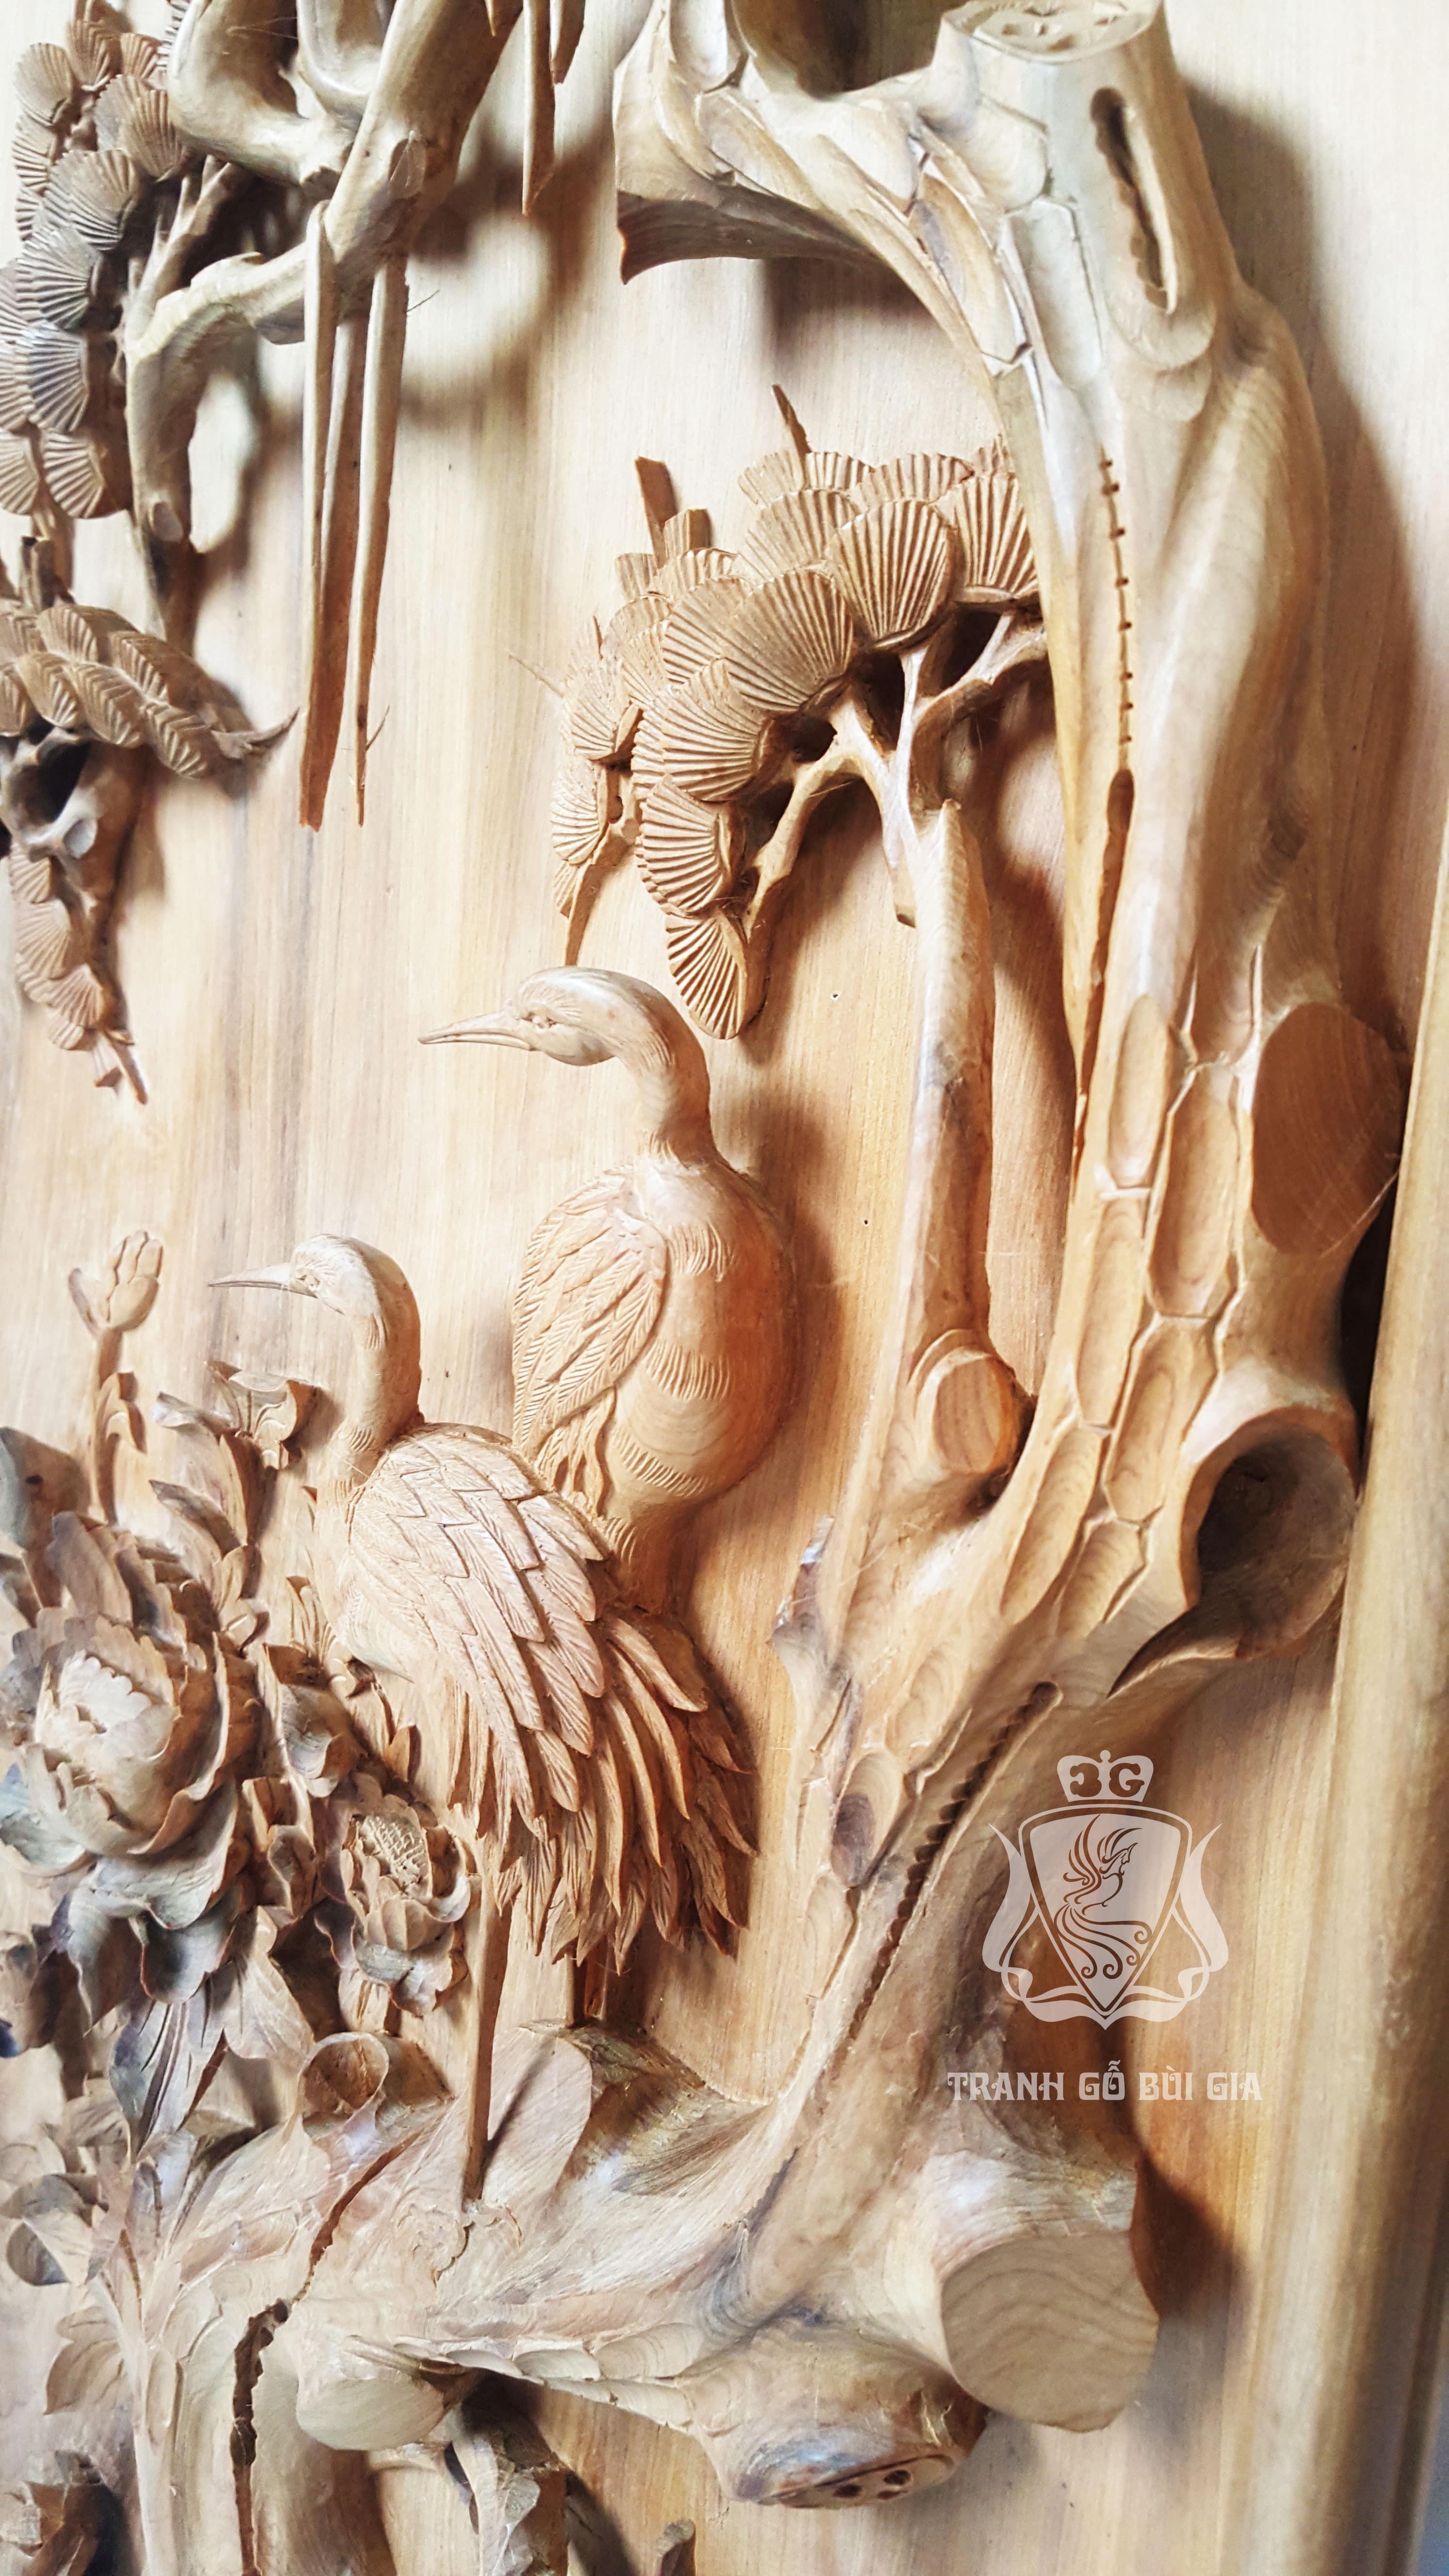 Tranh tứ quý Tùng Lựu Cúc Mai. Đục tay gỗ Bách Xanh